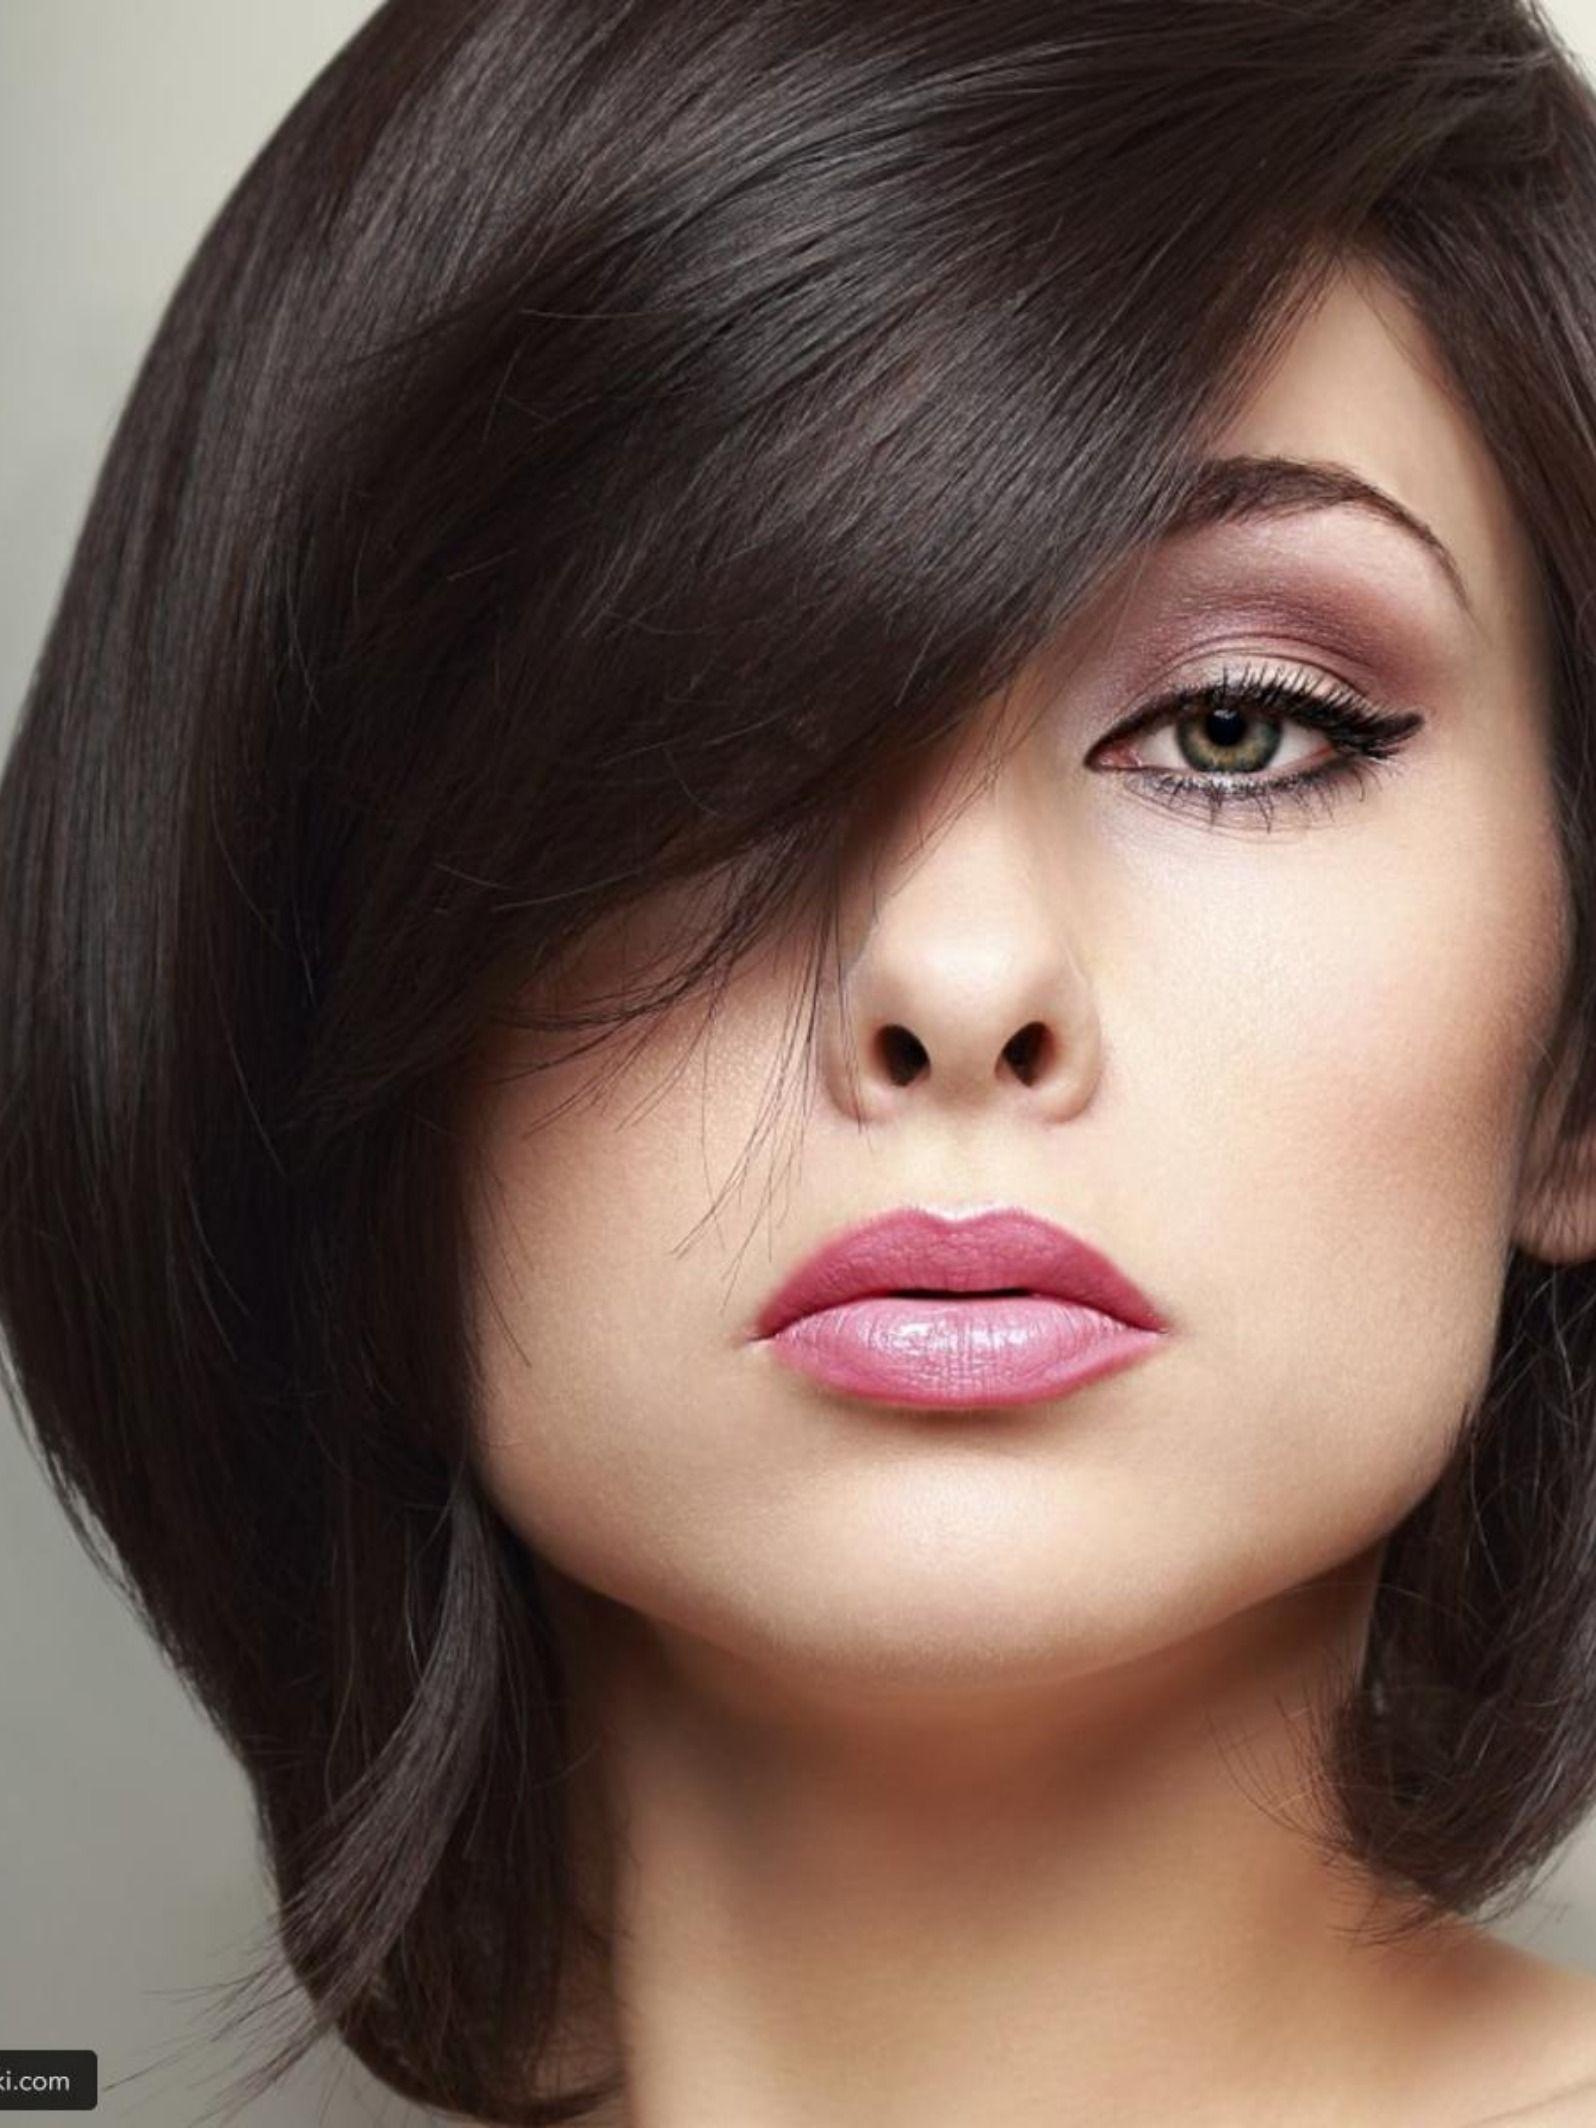 Pin On Hair Style تسريحات الشعر